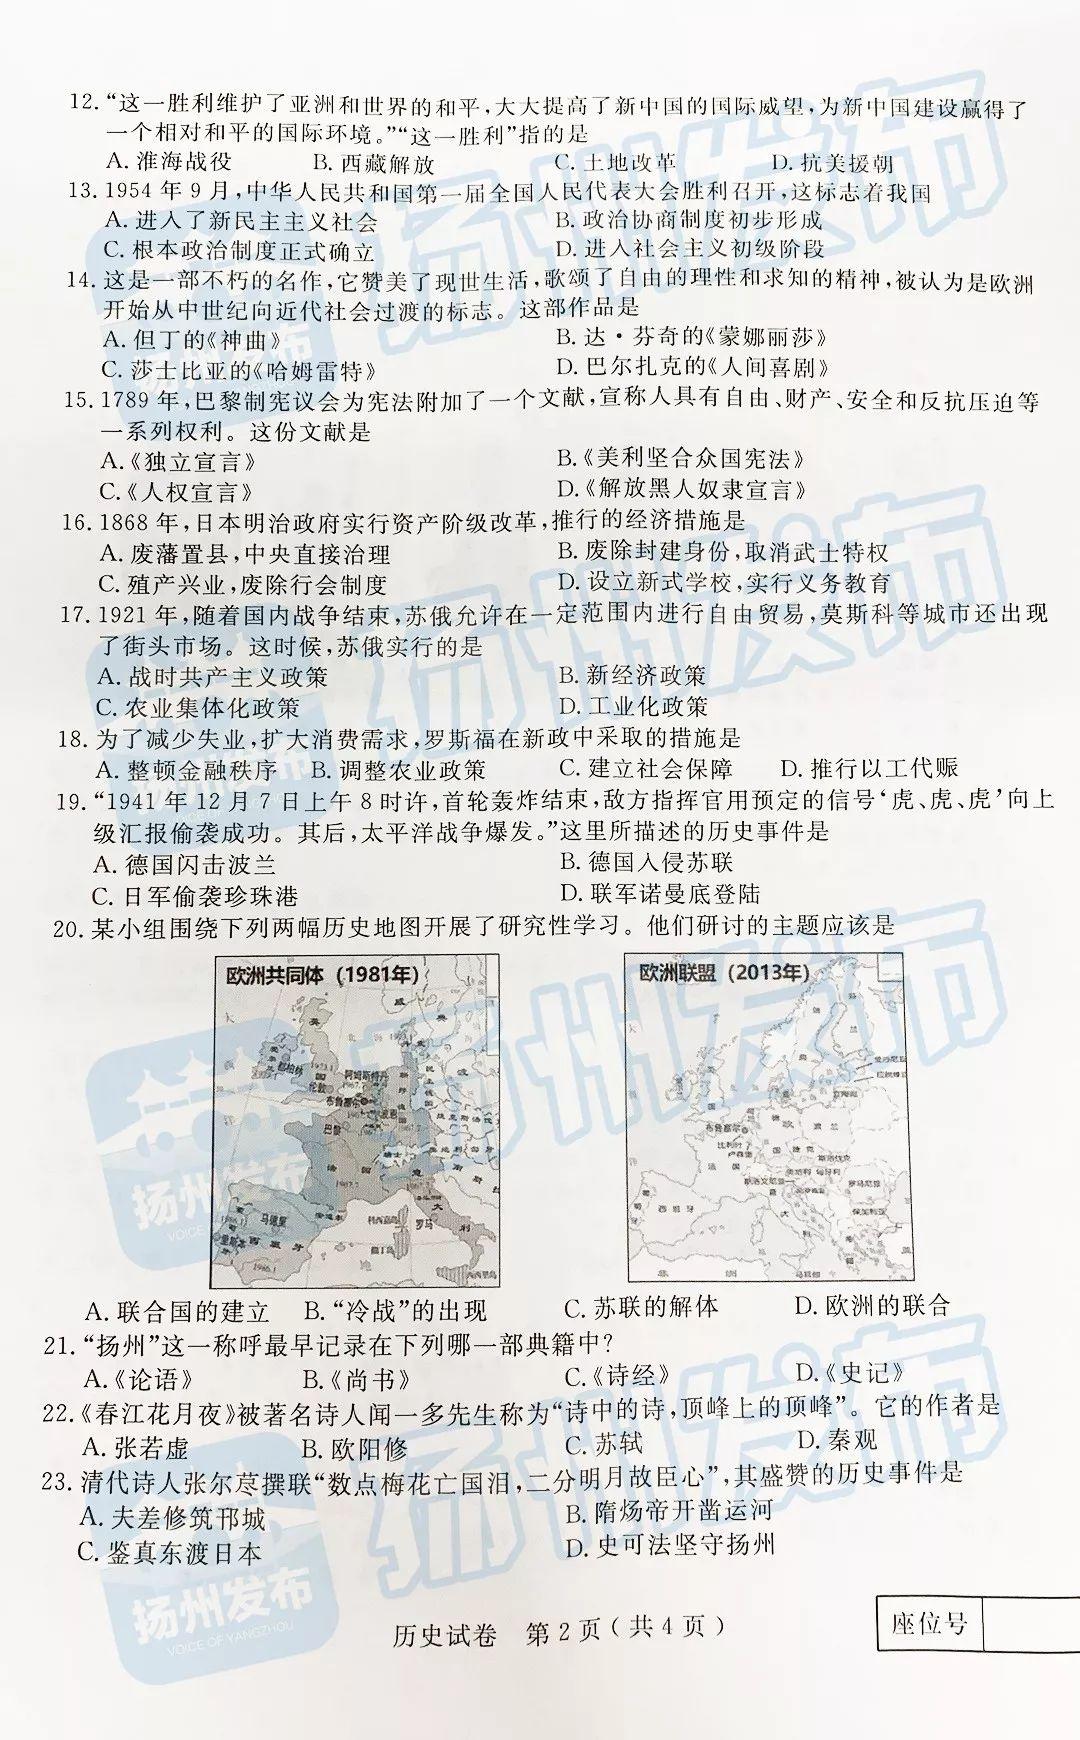 2019年江苏扬州中考历史真题已公布